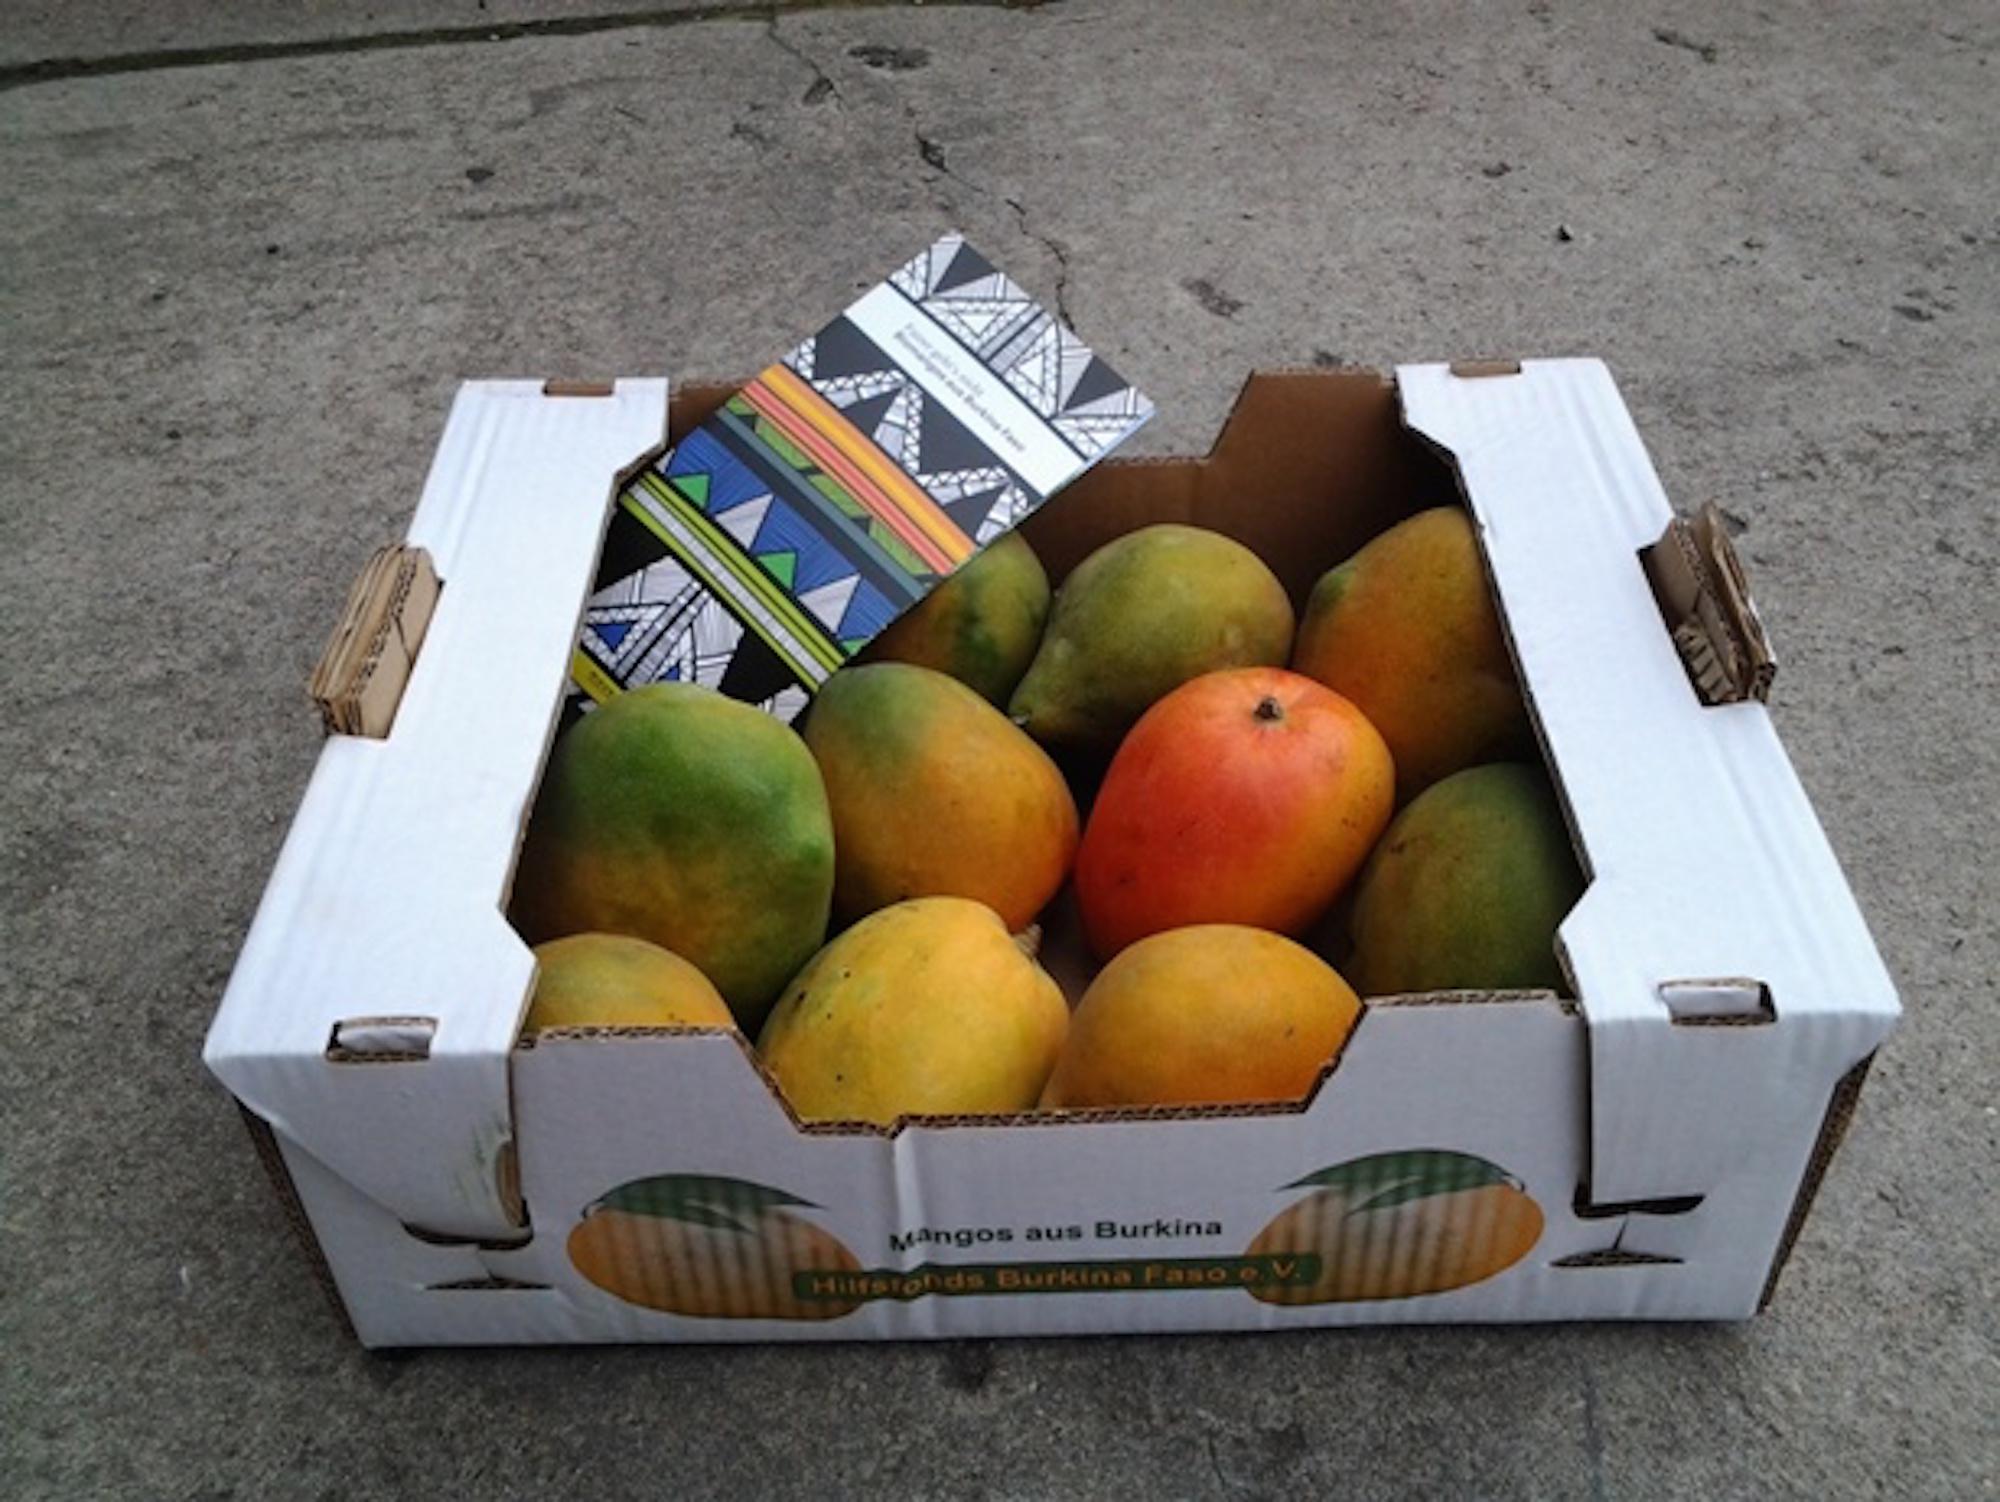 Mangos, Mangos, Mangos: Am nächsten Wochenende werden diese Kisten in Basel verkauft.